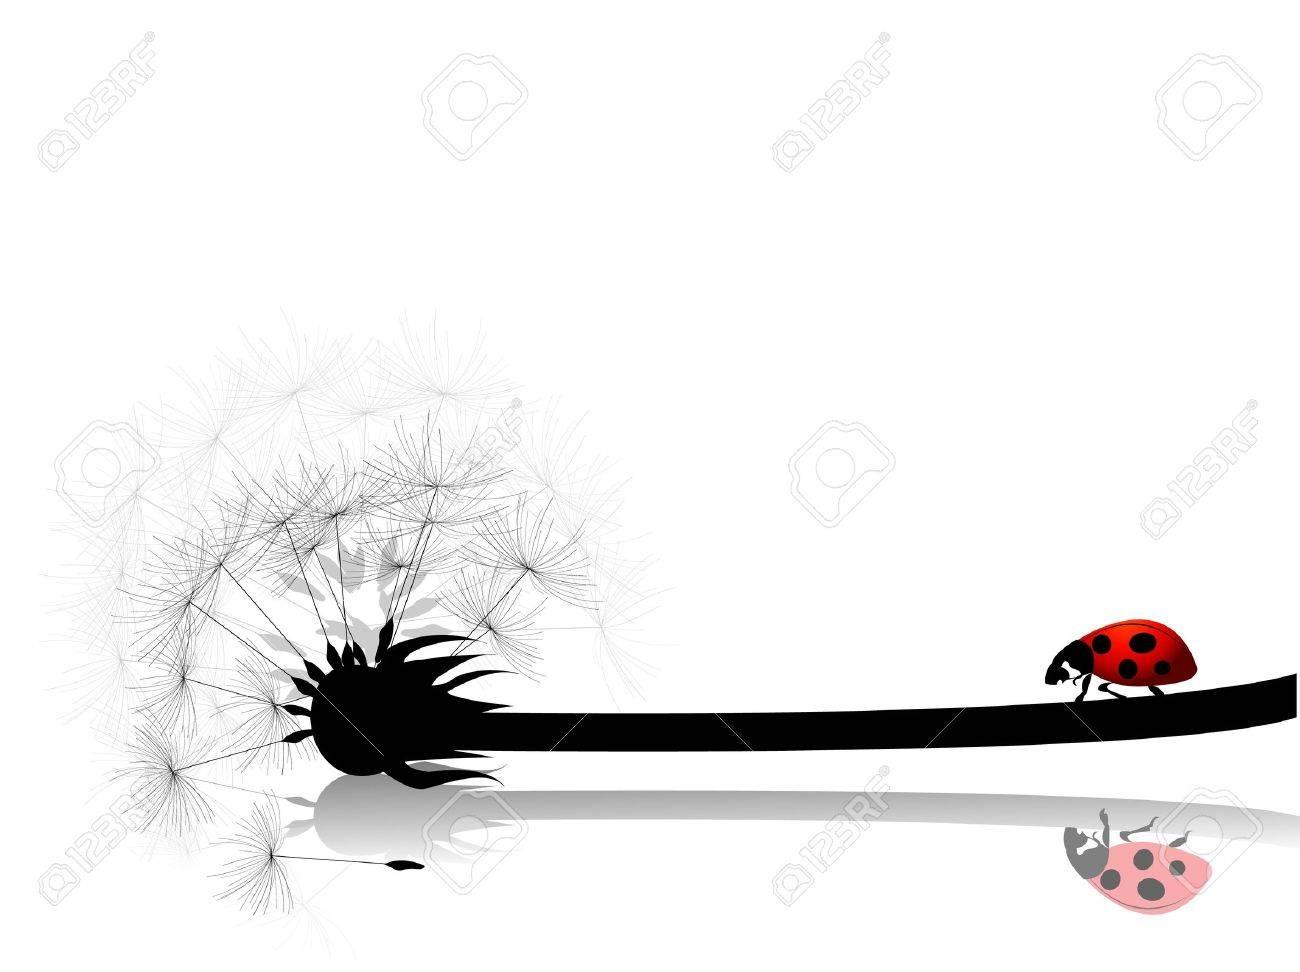 dandelion card with ladybug - 7578577